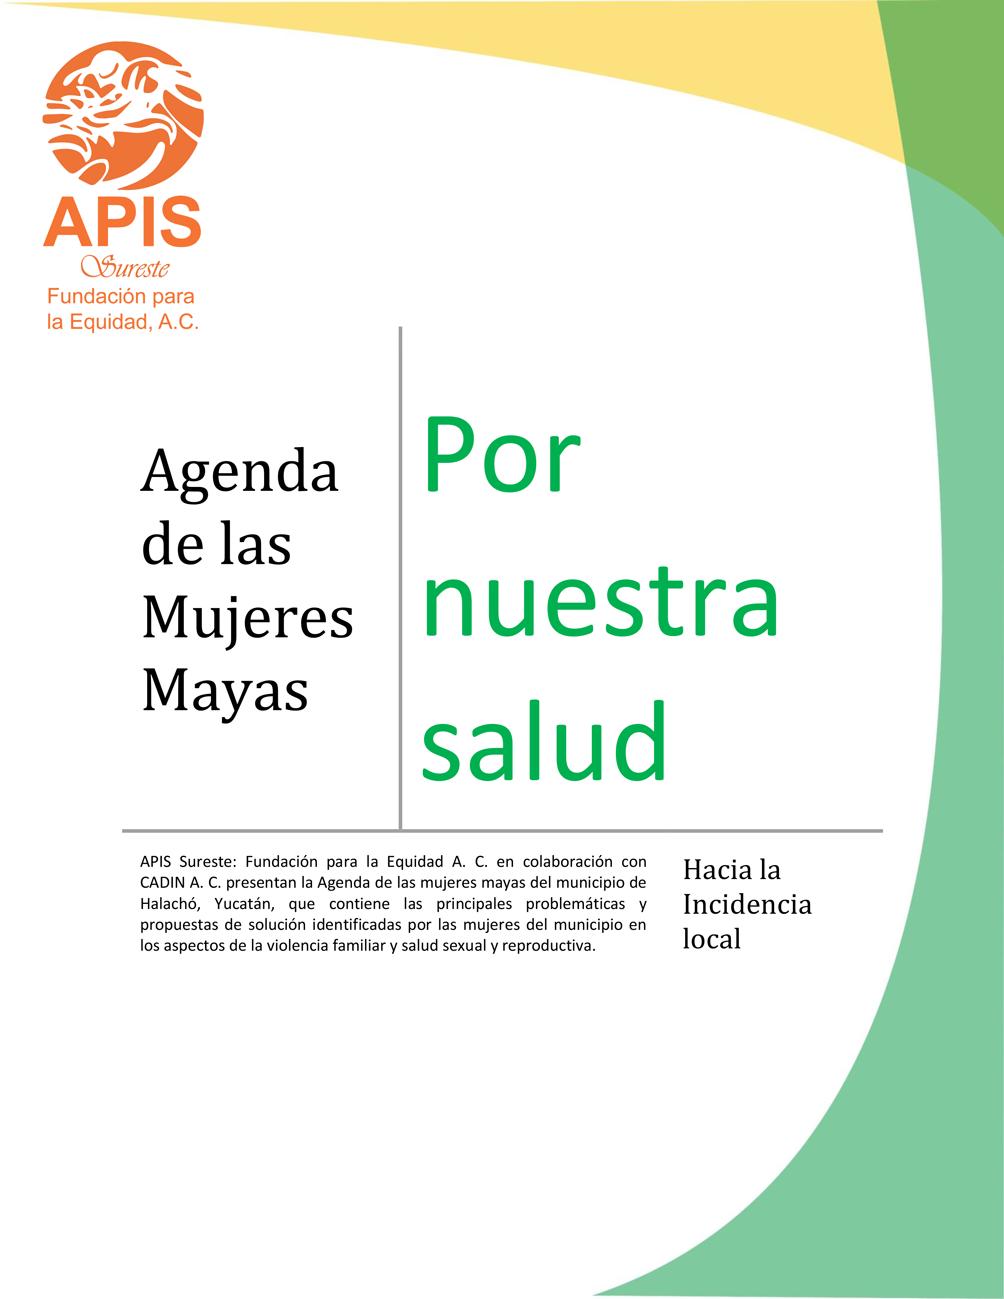 2010-Agenda-de-las-mujeres